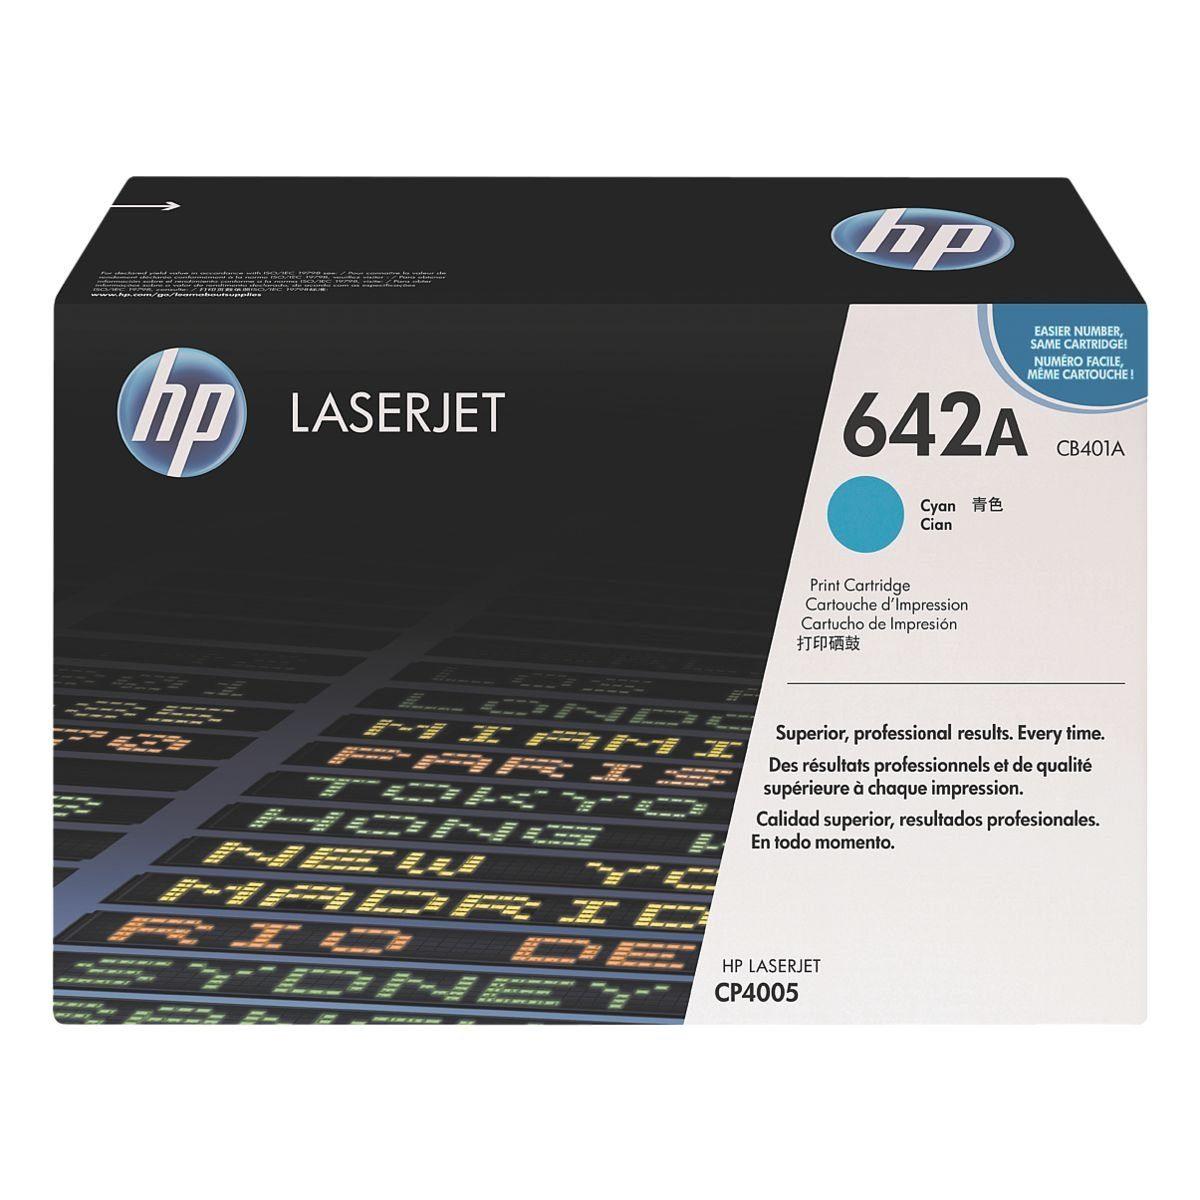 HP Druckkassette »HP CB401A« 642A